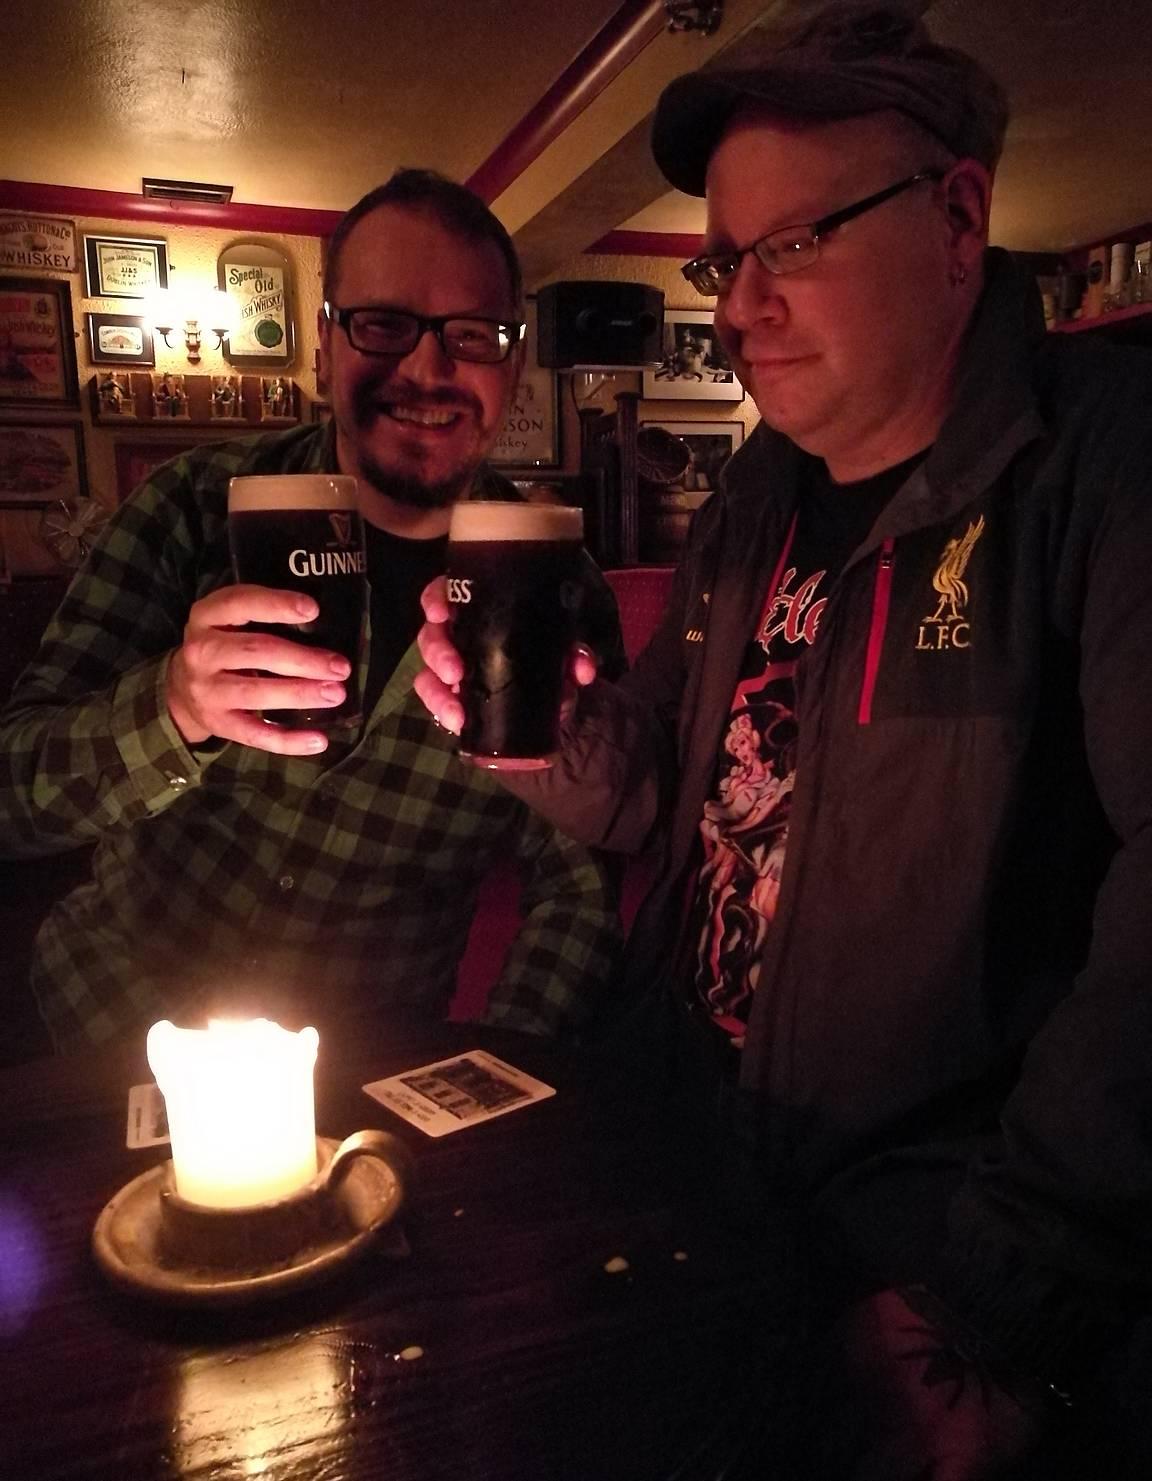 Maistui se Guinness myös Irlannissa 16 vuotta asuneen ystäväni kanssa Connemaran lukuisissa pubeissa.